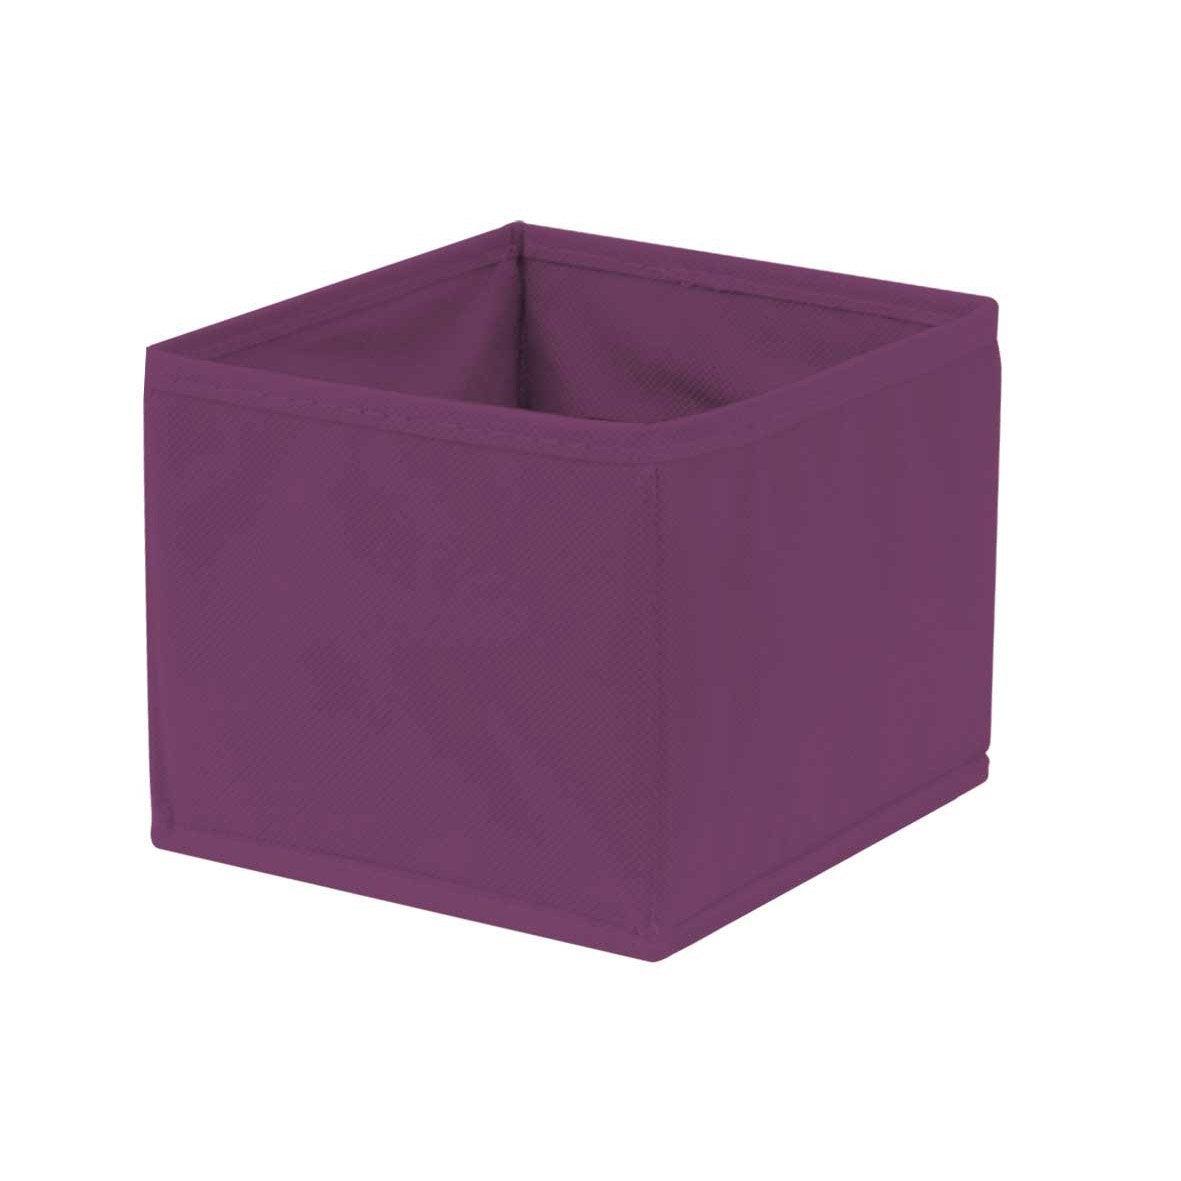 Panier de rangement spaceo violet x x cm - Panier rangement leroy merlin ...